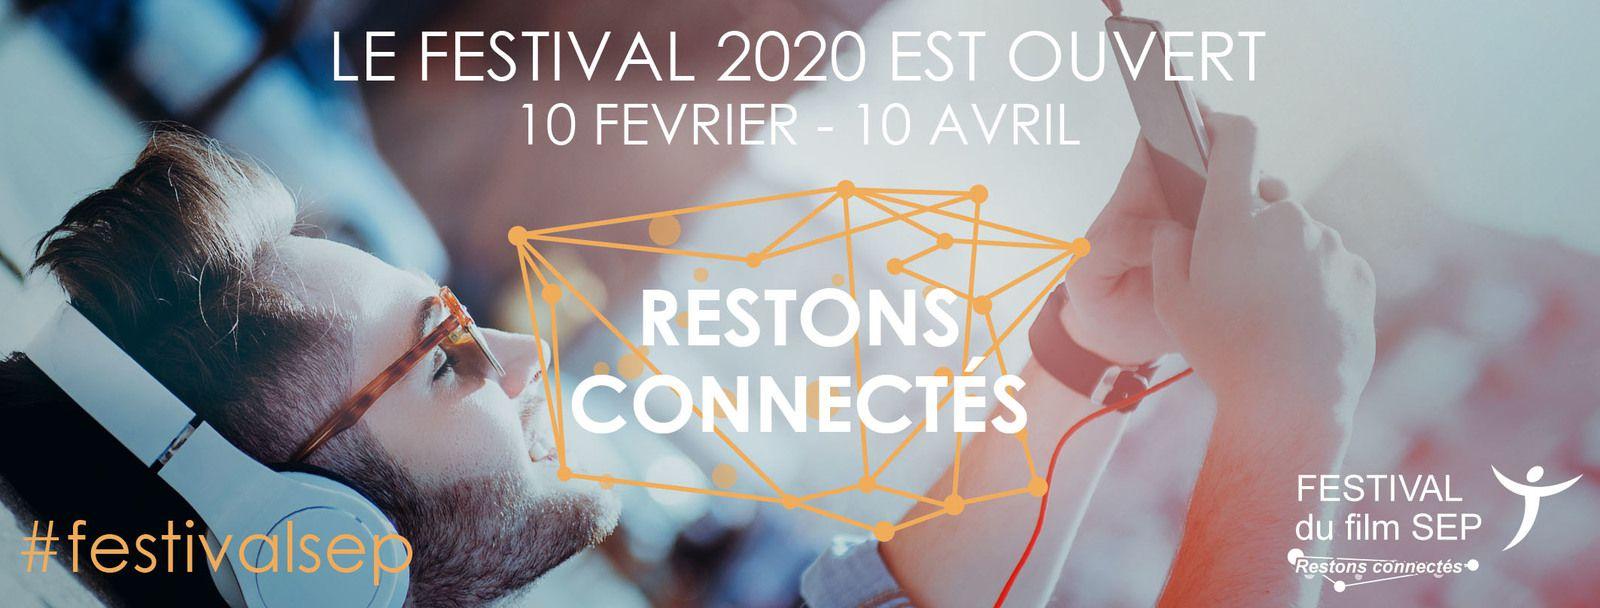 Festival du Film #SEP 2020 c'est part i ! #festivalsep  #restonsconnectes  #byunisep